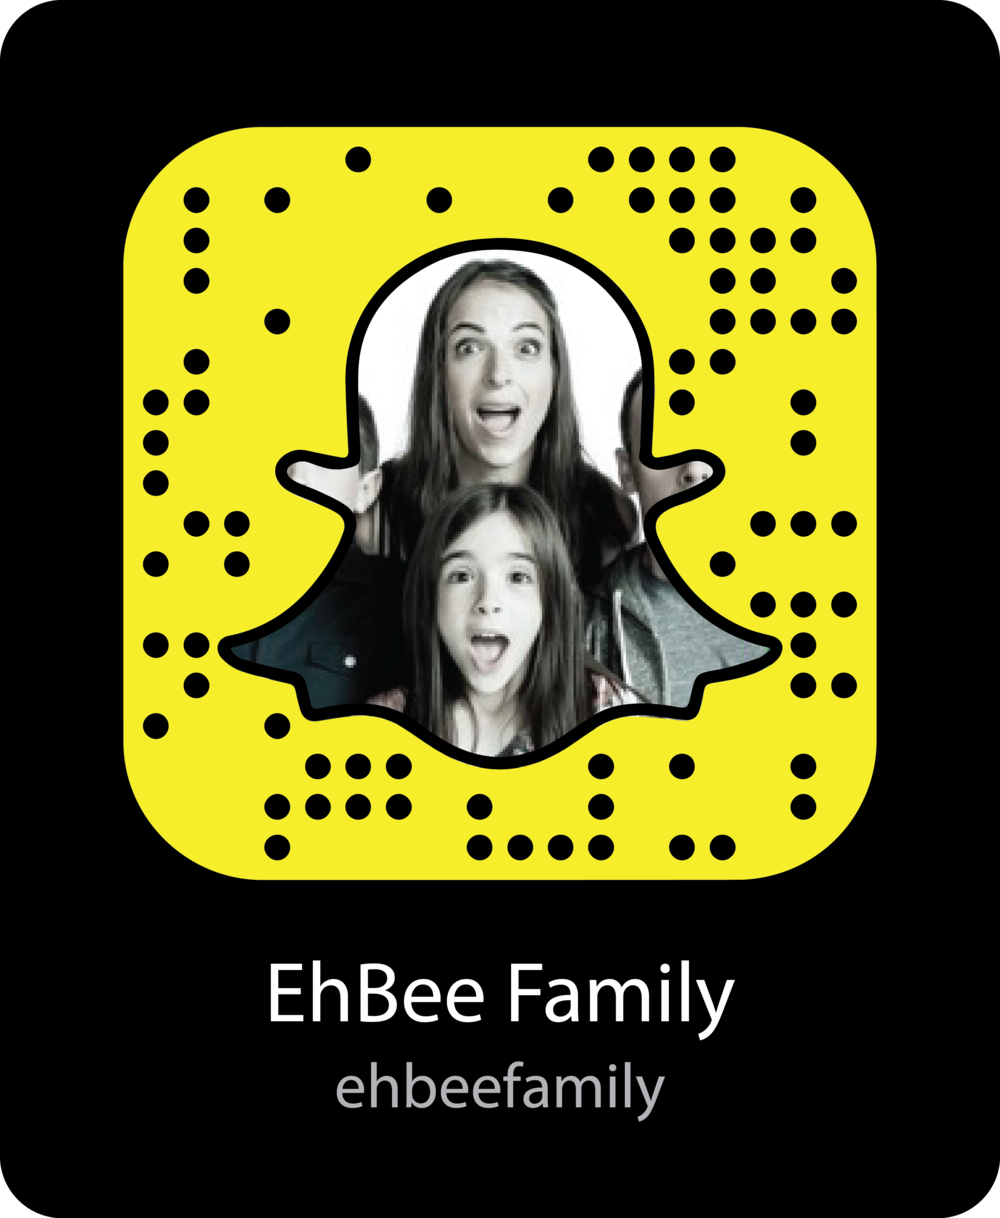 ehbee-family-vine-celebrity-snapchat-snapcode